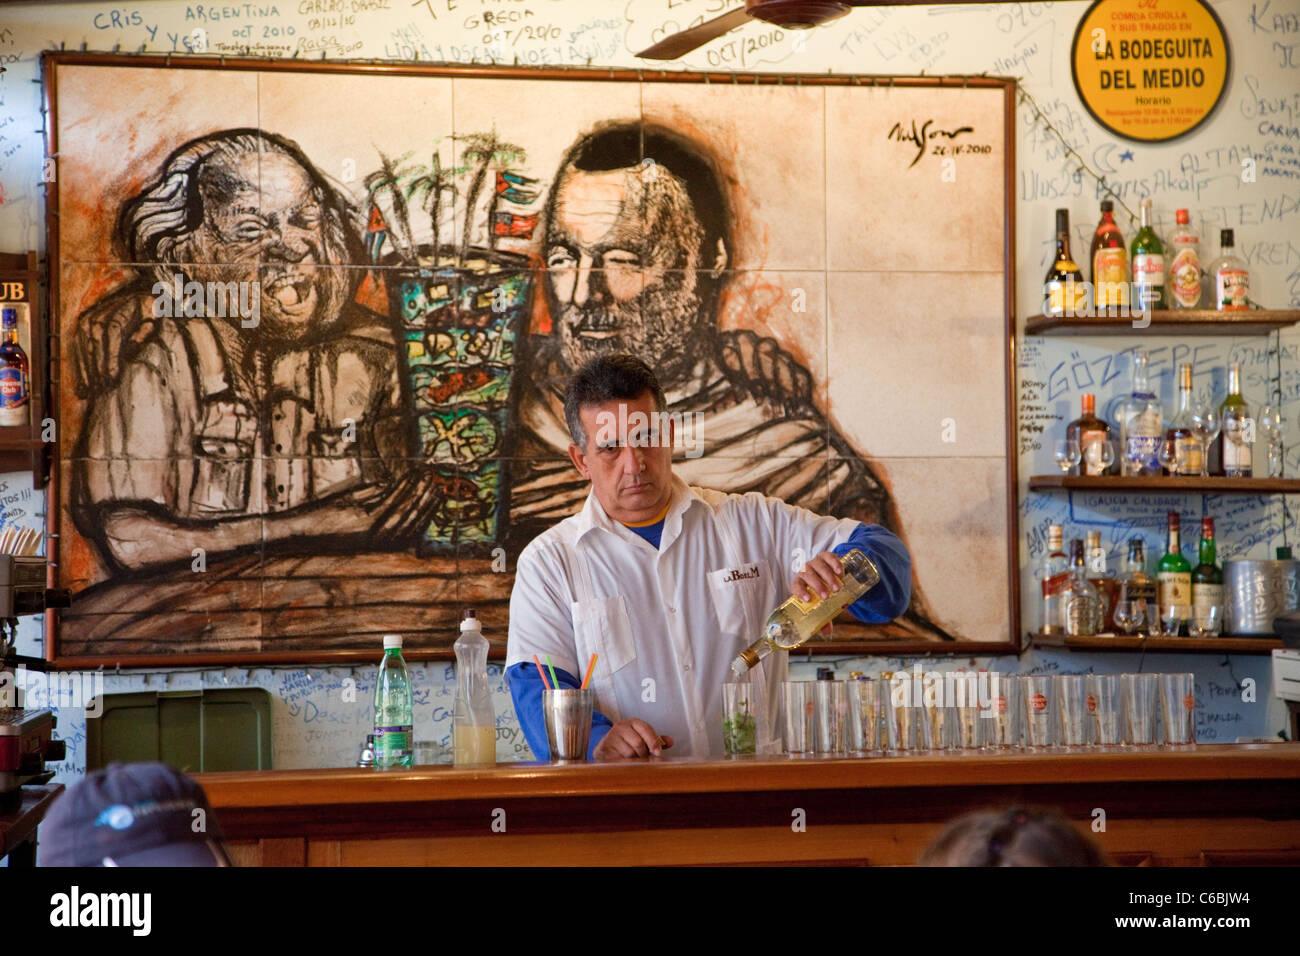 Kuba, Havanna. La Bodeguita del Medio. Barkeeper bei der Arbeit, Mojitos mischen. Stockbild